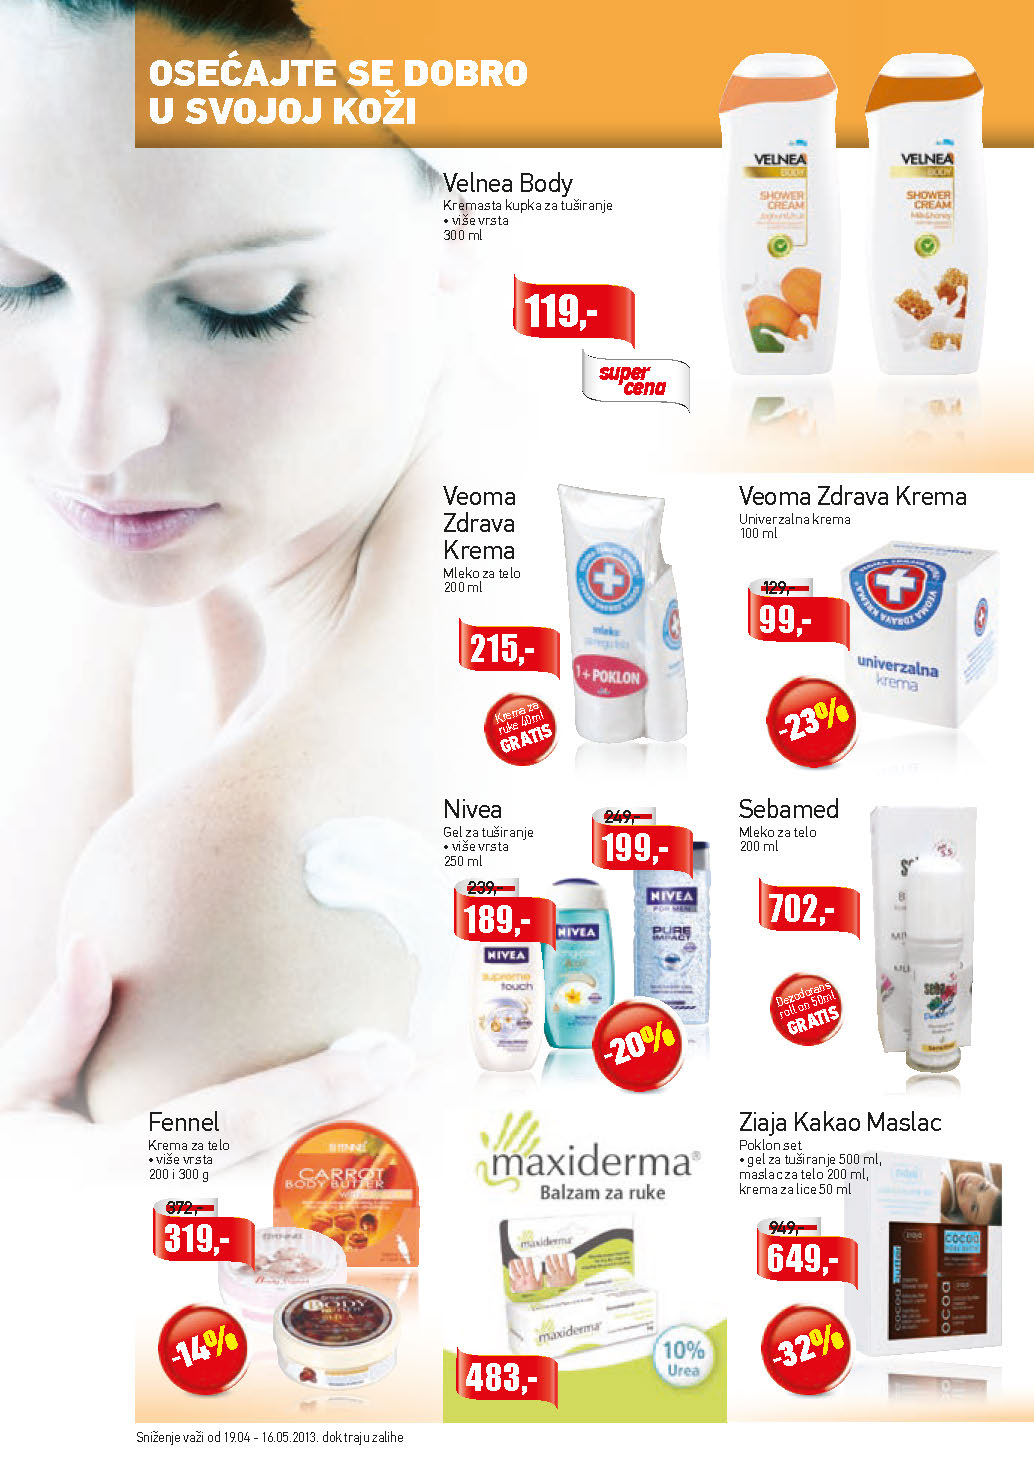 Lilly Katalog Kozmetika